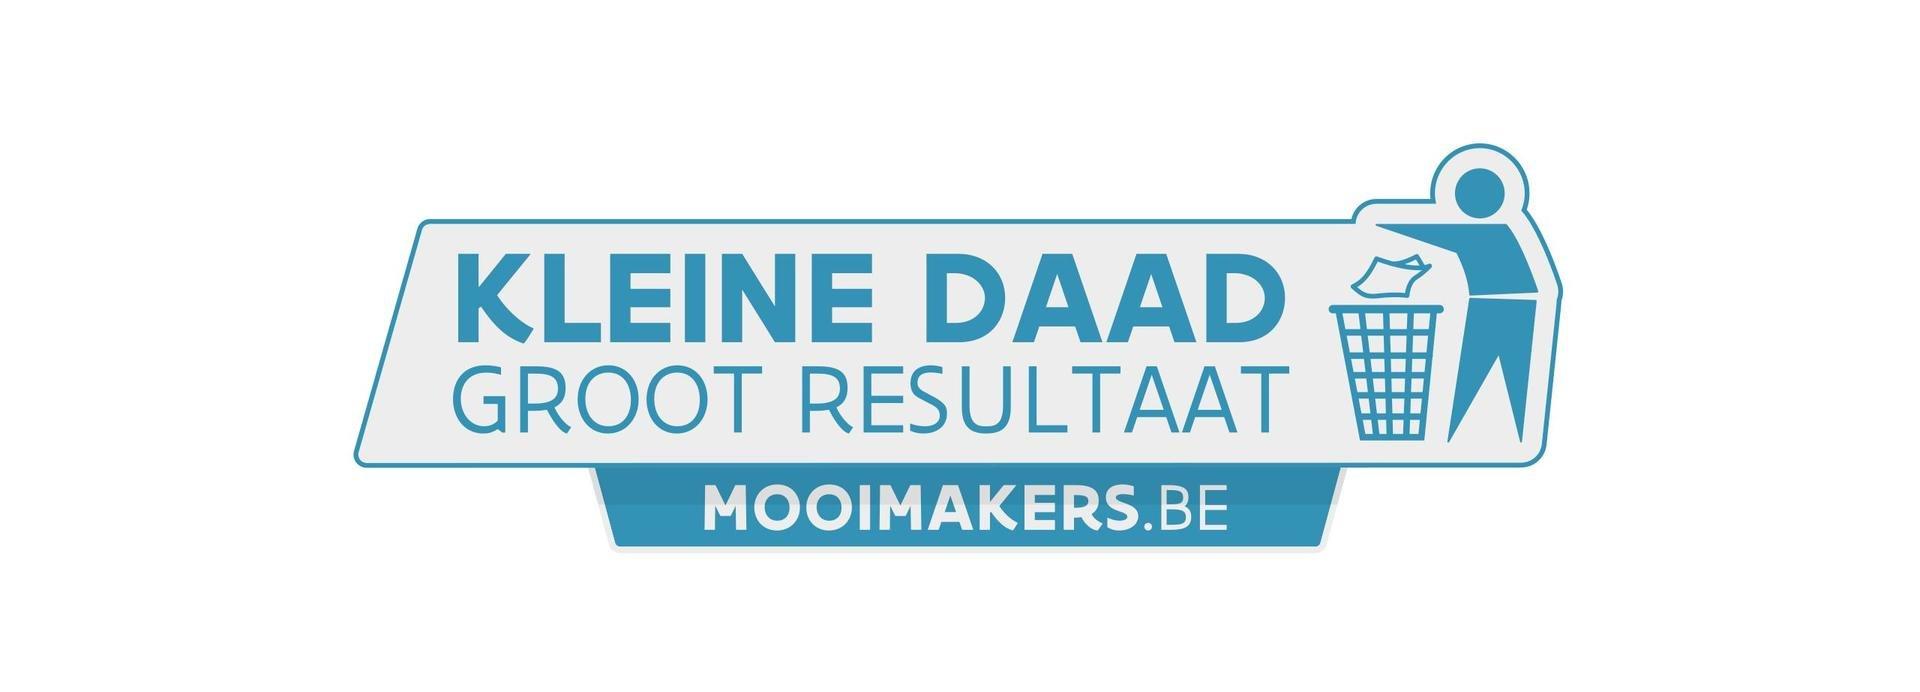 Mooimakers openen strijd tegen zwerfvuil vanuit woonkamer in Genk